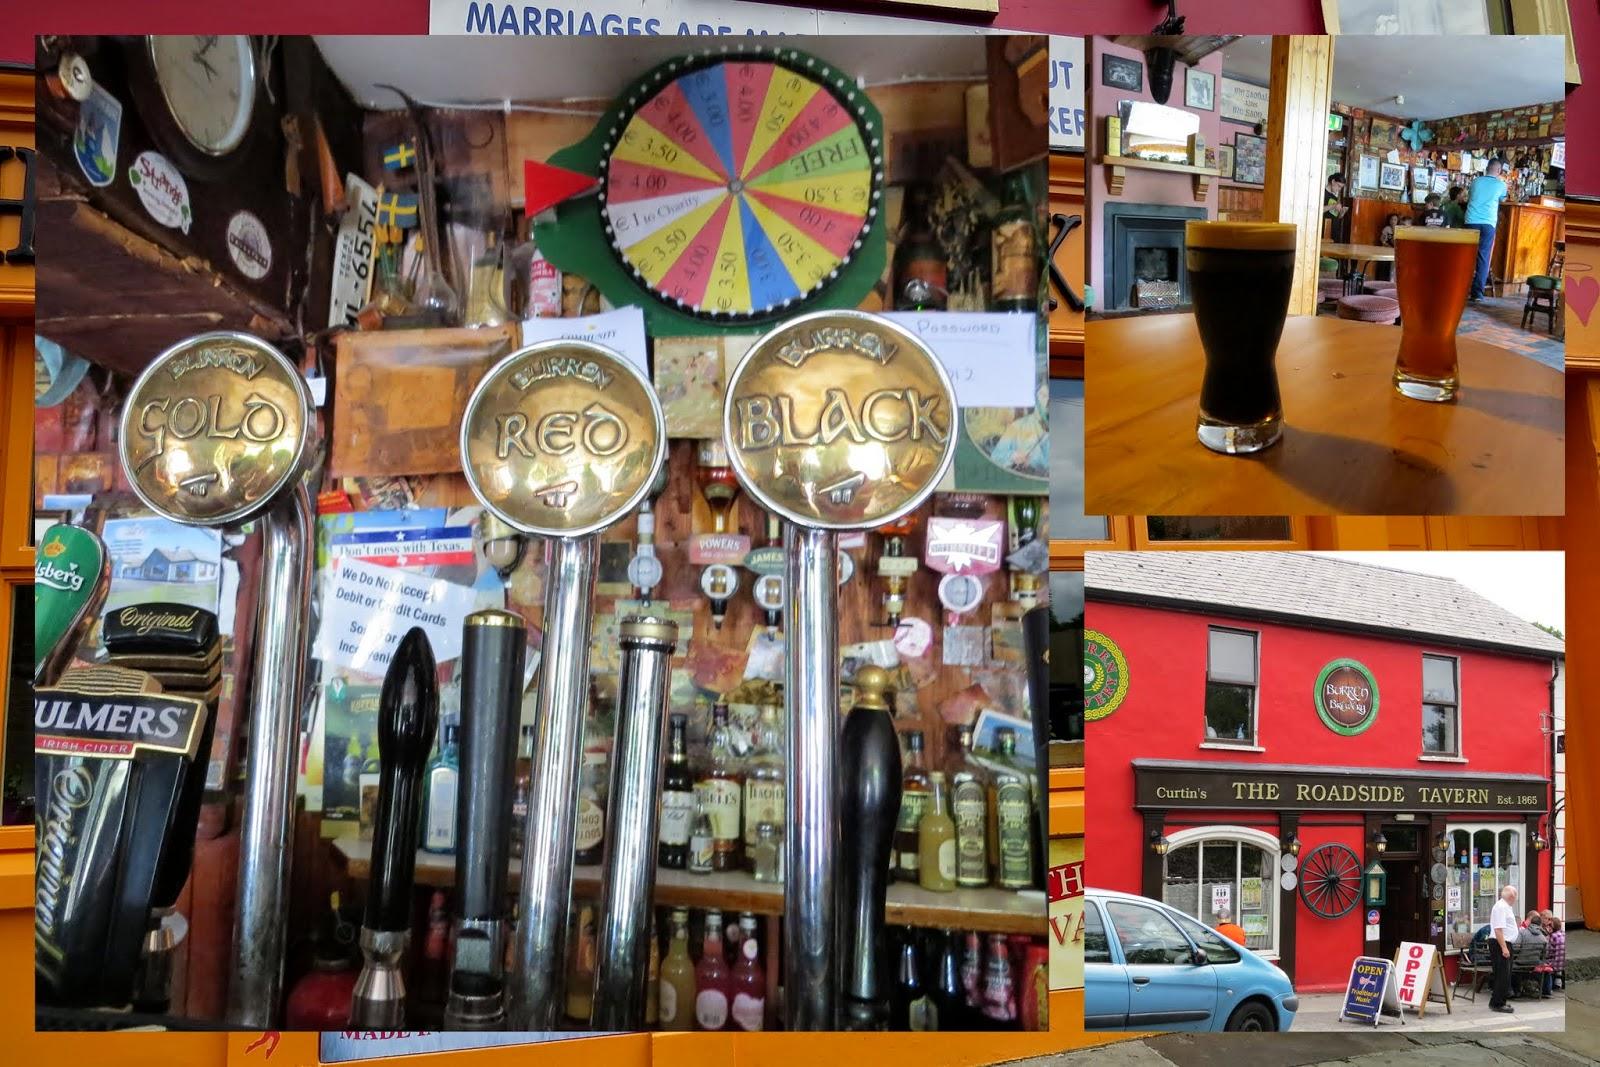 Lisdoonvarna - Roadside Tavern